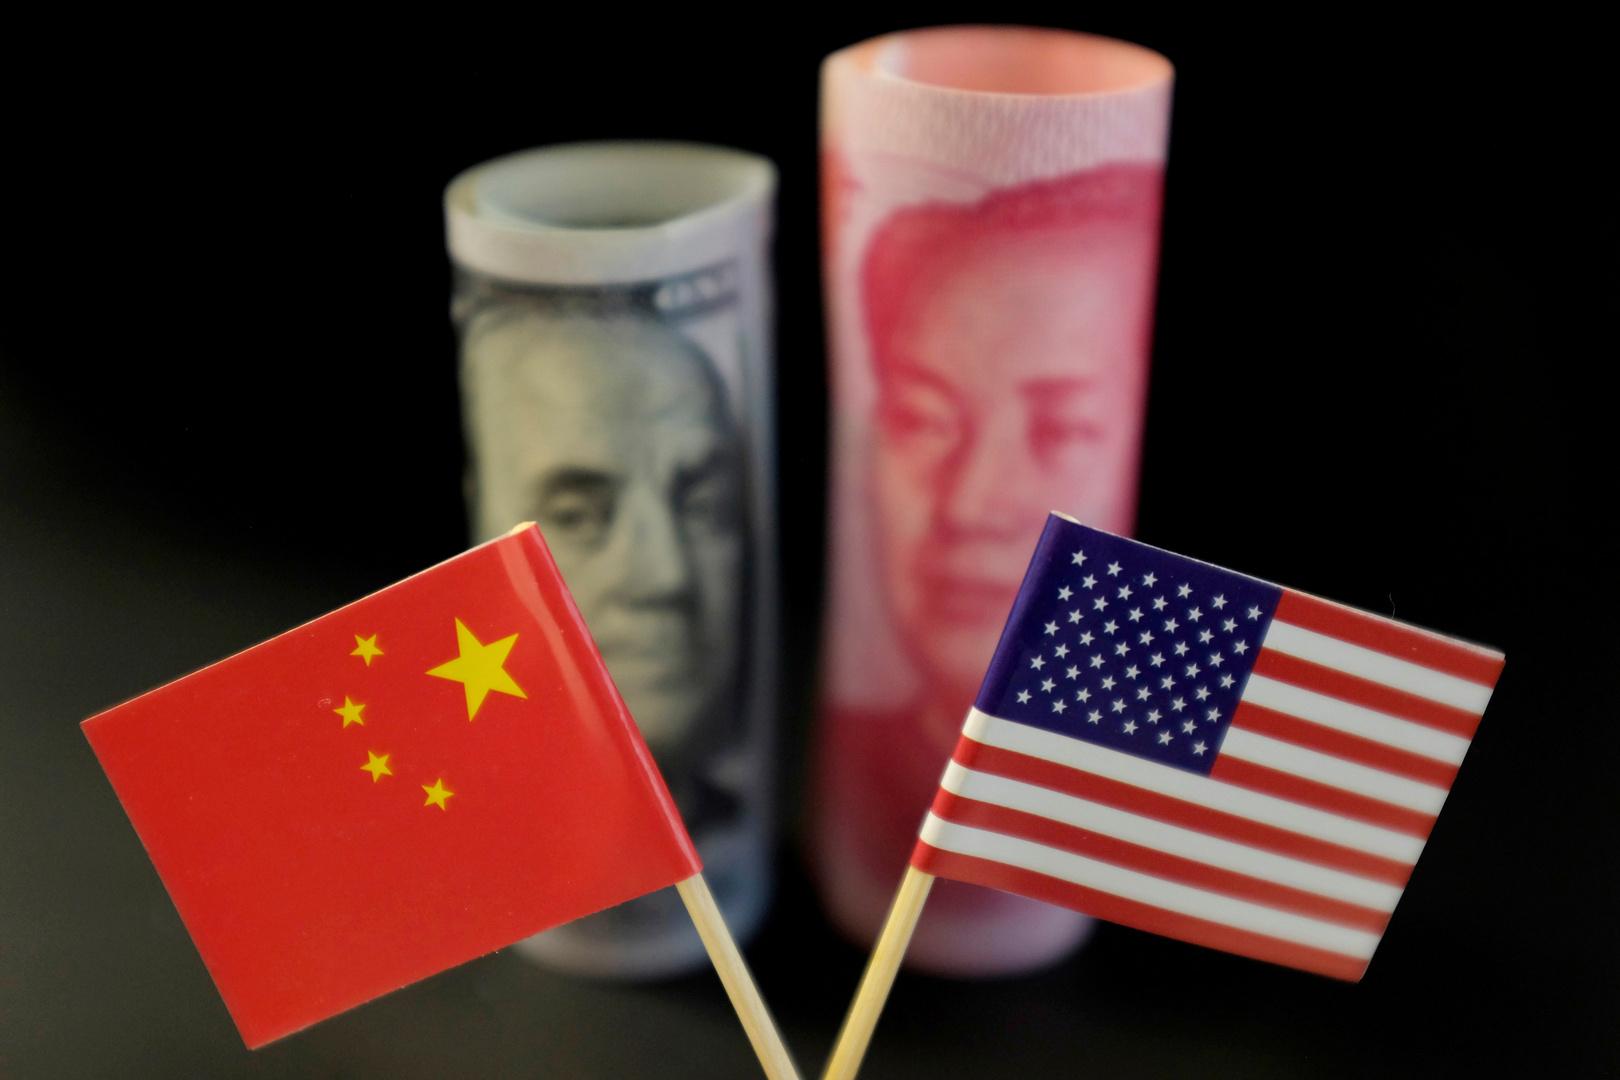 فائض الصين التجاري مع الولايات المتحدة ينخفض إلى نحو 21  مليار دولار